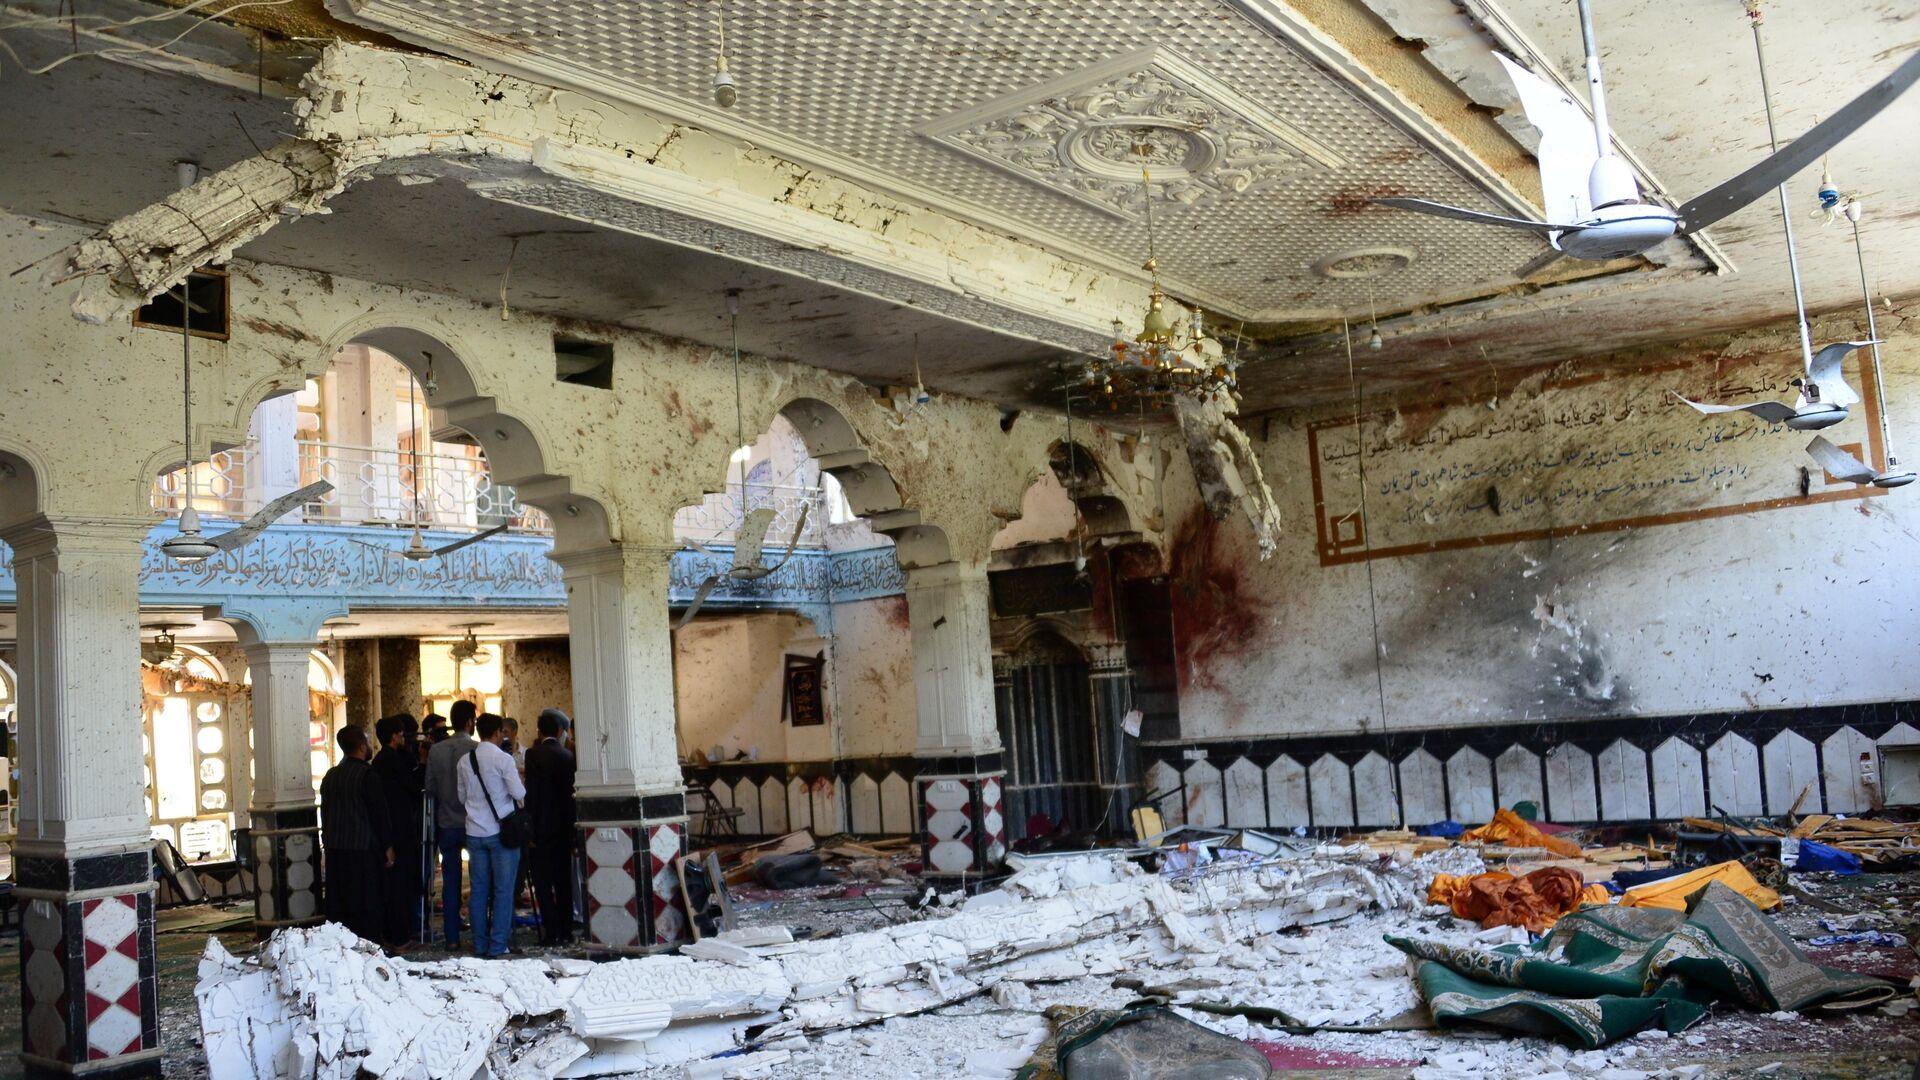 Ataque en la mezquita chií en la ciudad de Herat, Afganistán - Sputnik Mundo, 1920, 14.05.2021